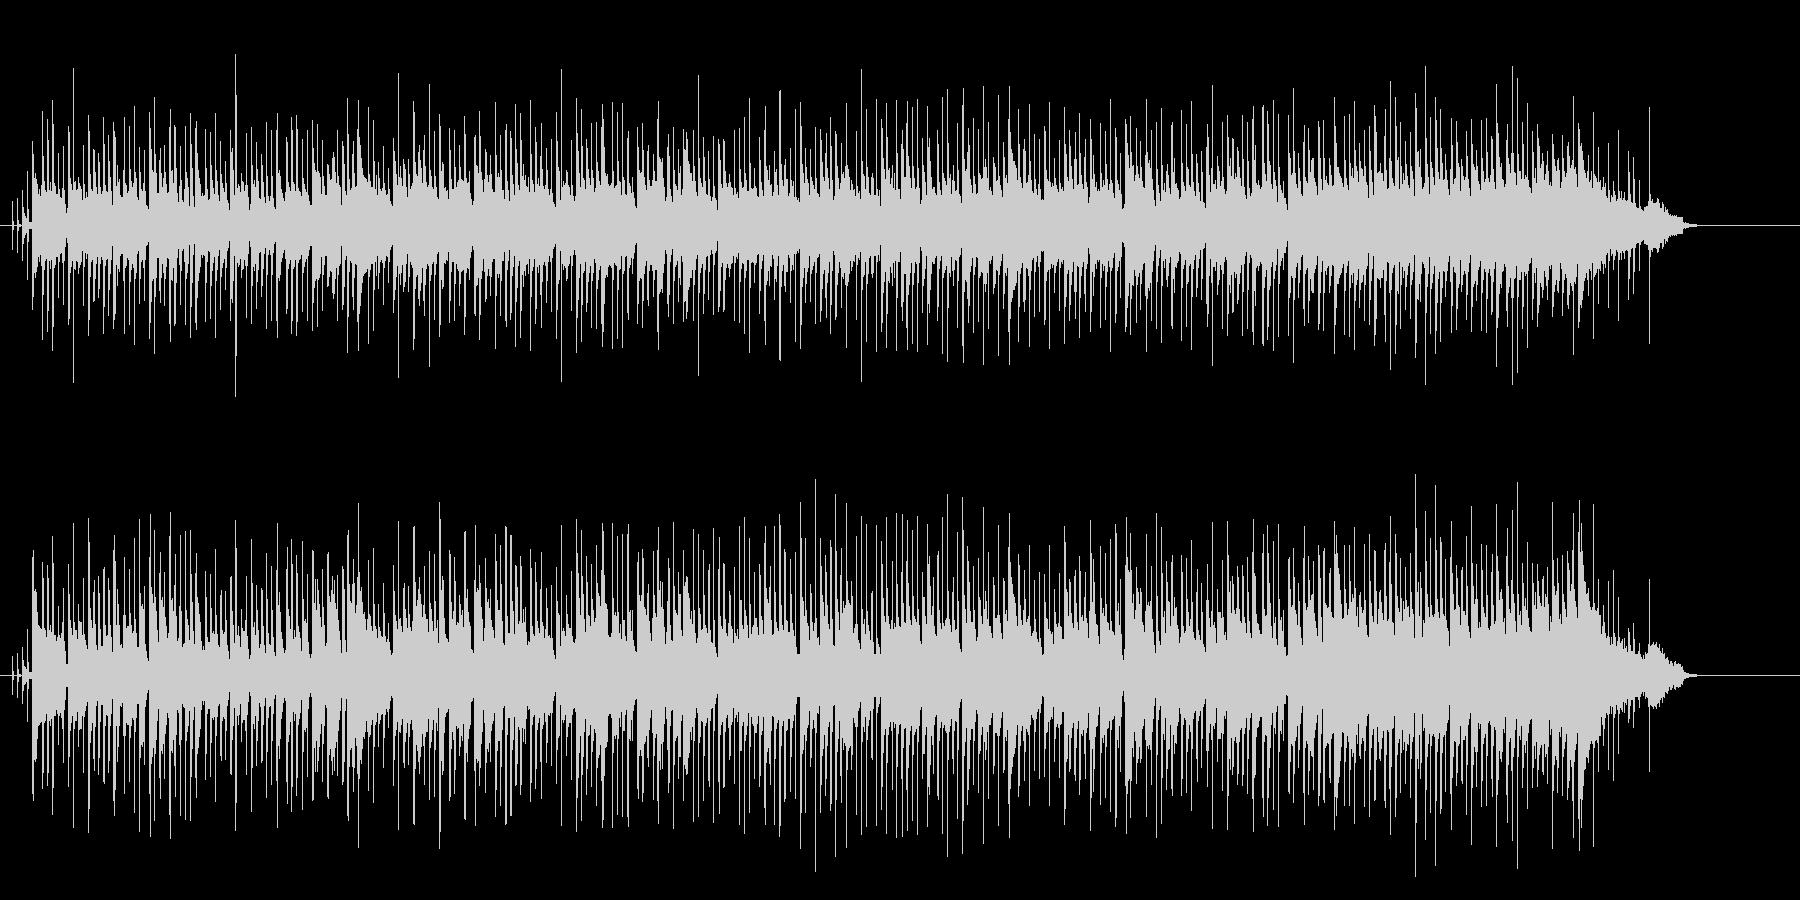 クール&ムーディーなボサノヴァ・サウンドの未再生の波形